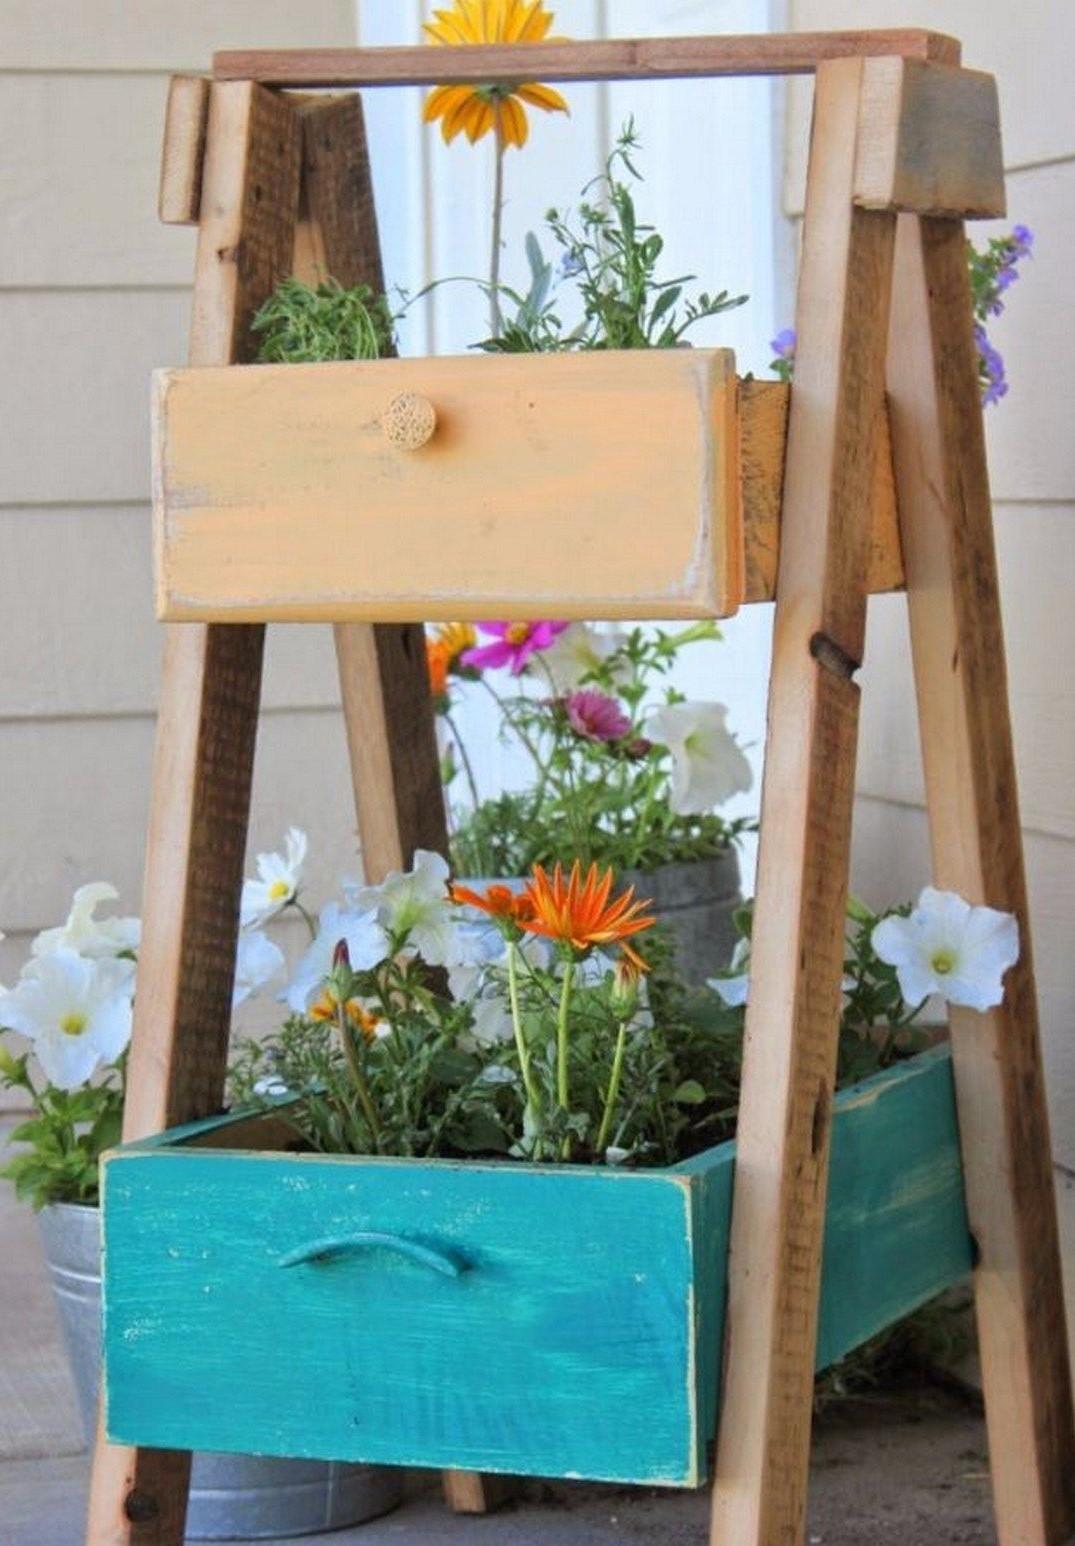 Les vieux tiroirs donnent à vos plantes préférées toute l'attention qu'elles méritent.